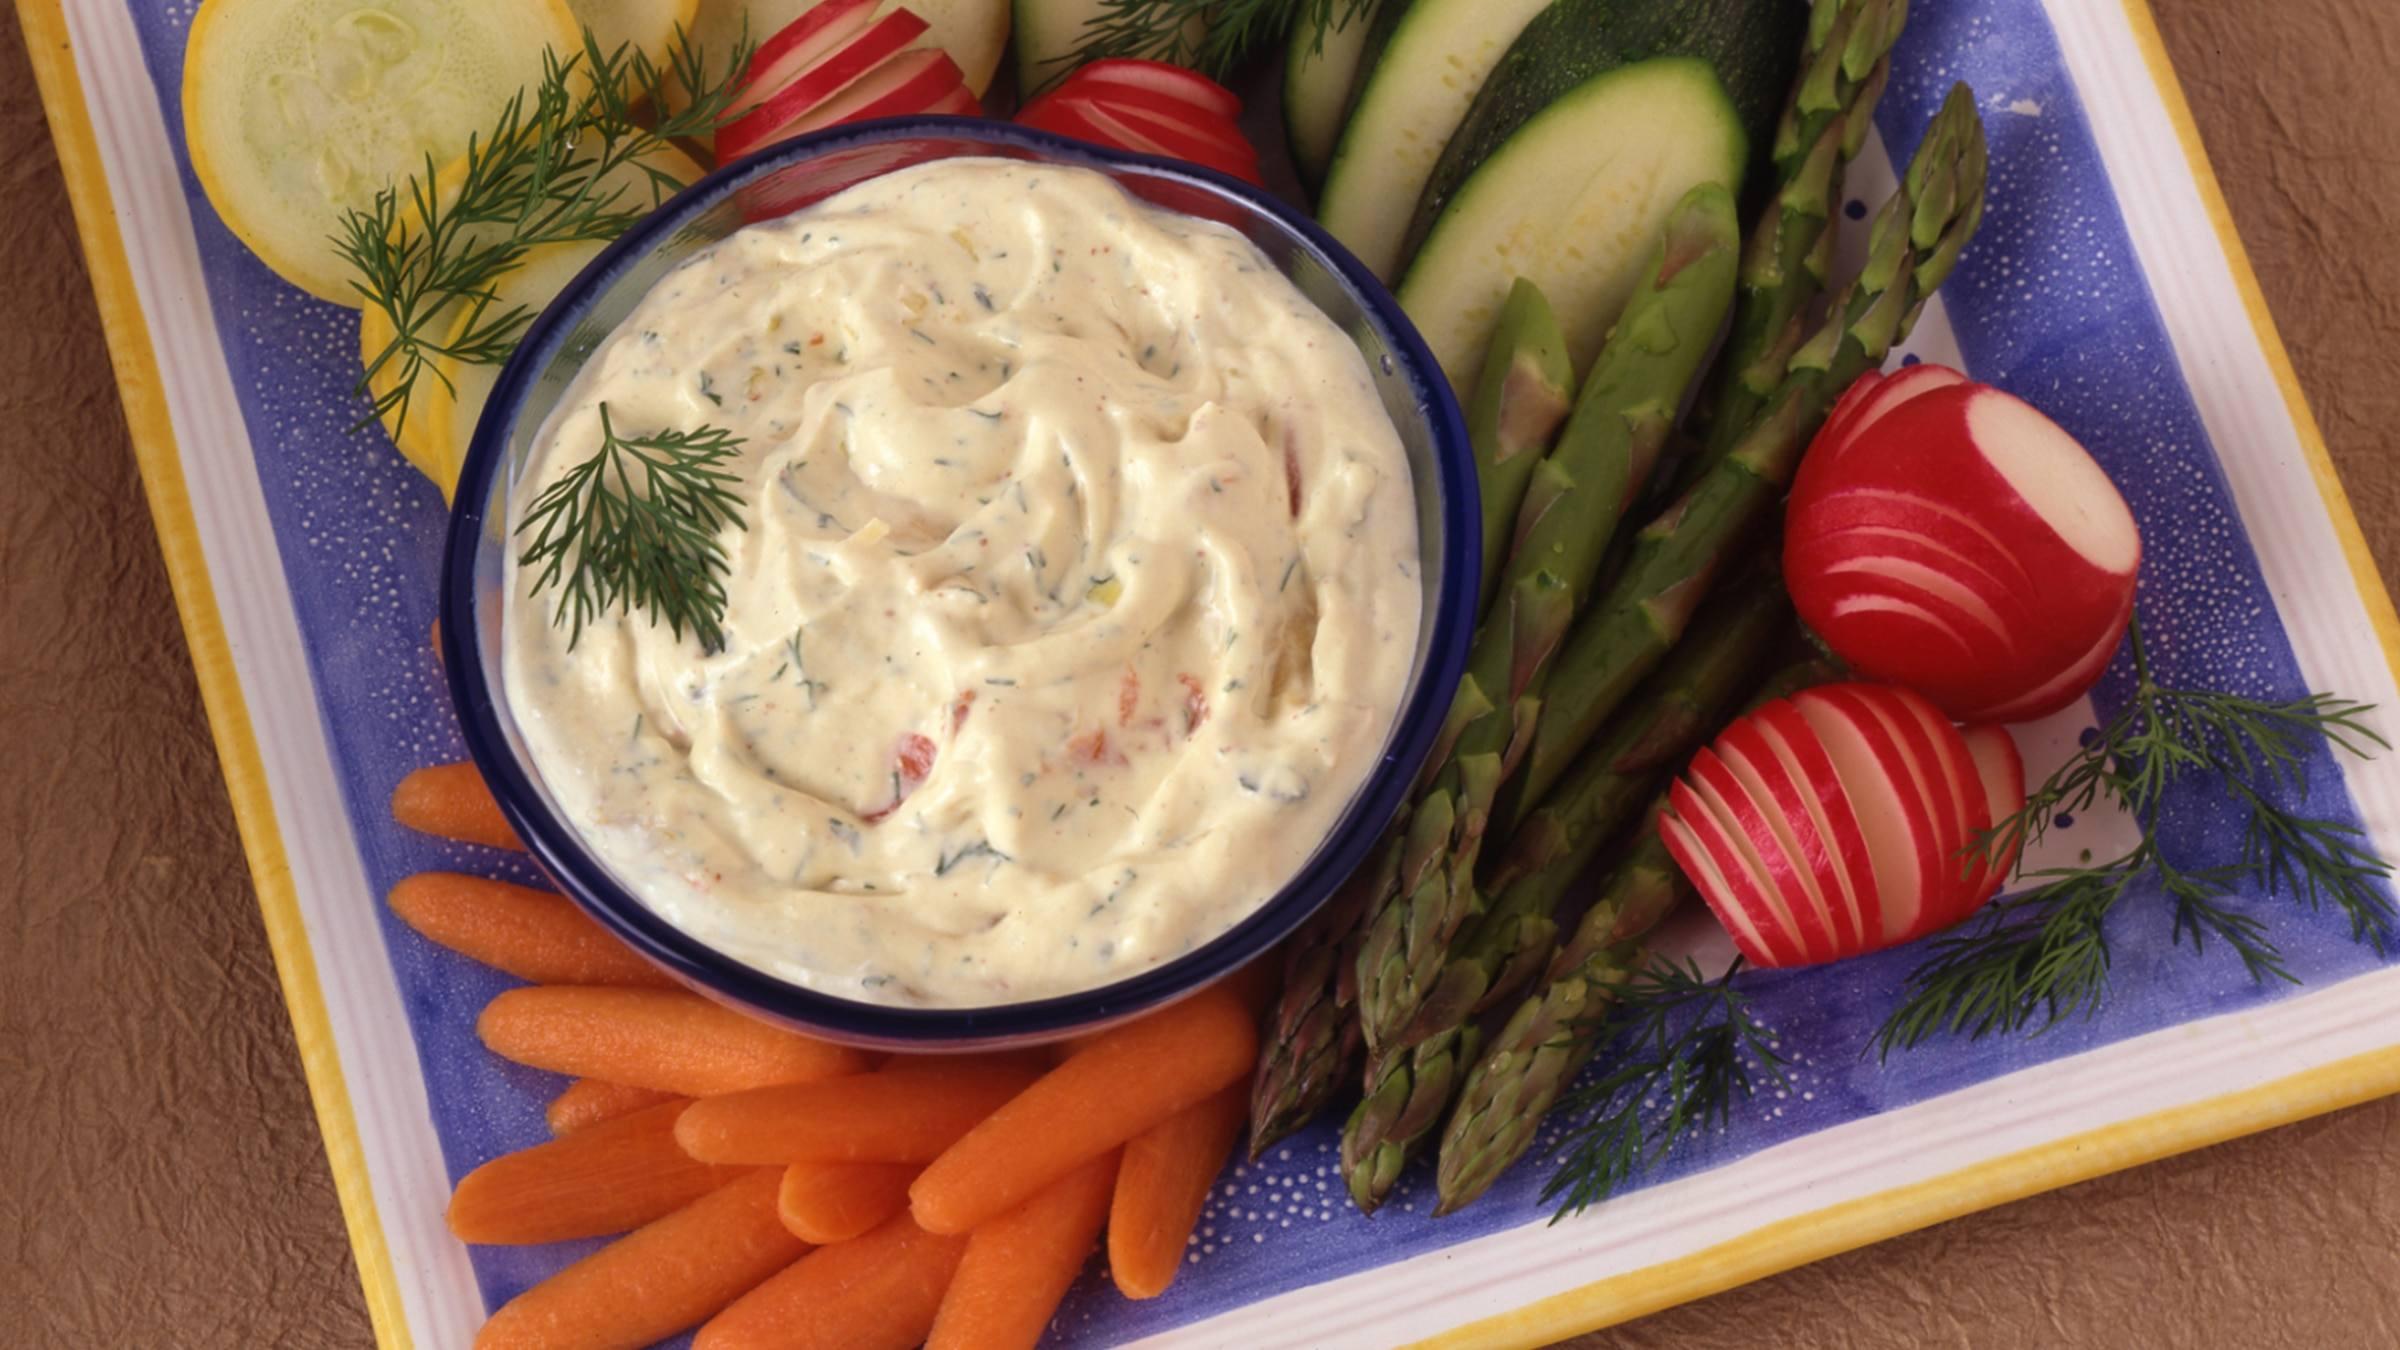 Dijonnaise Vegetable Dip